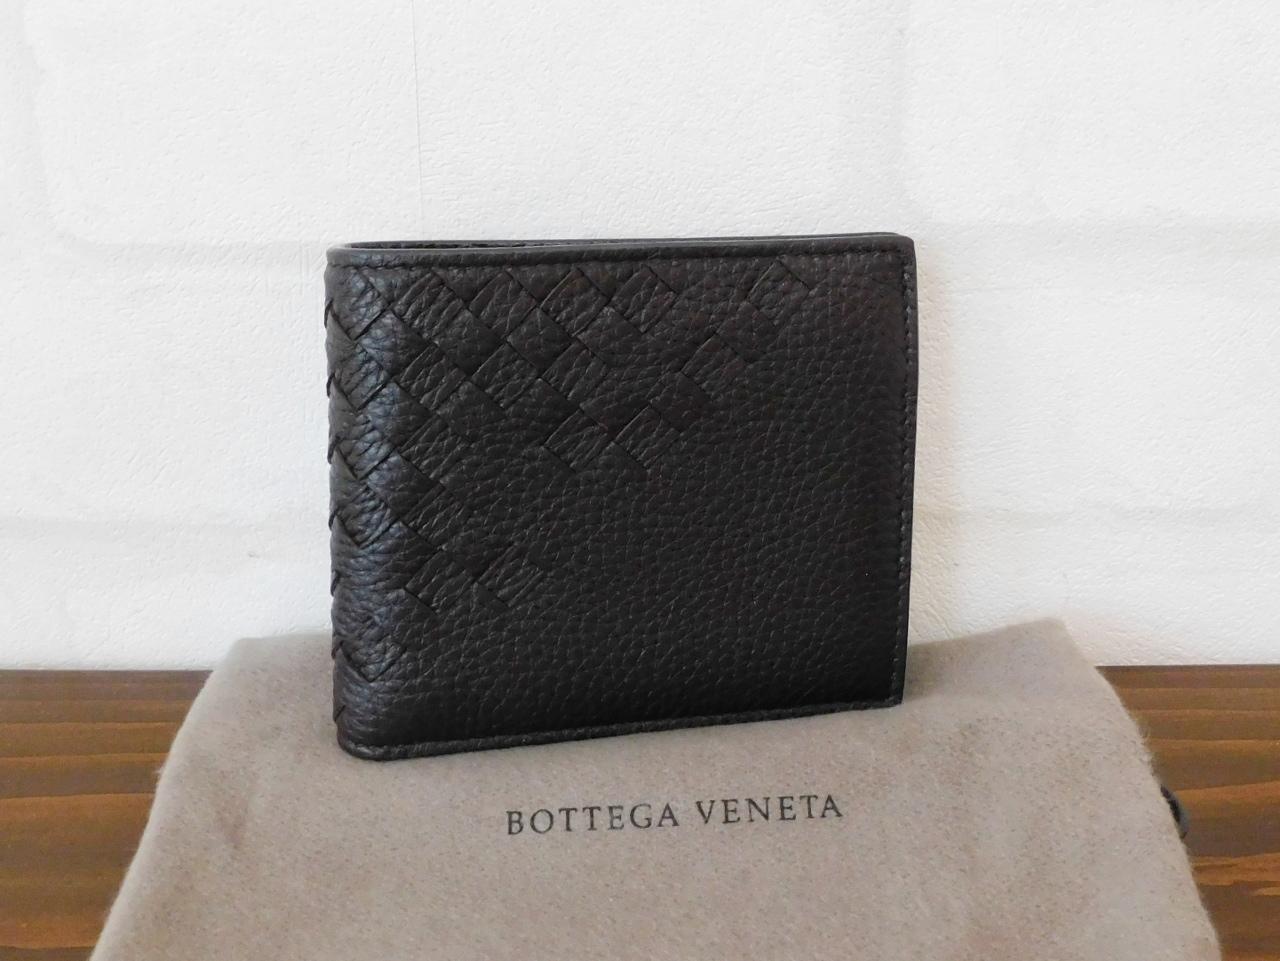 ボッテガヴェネタ 二つ折り財布